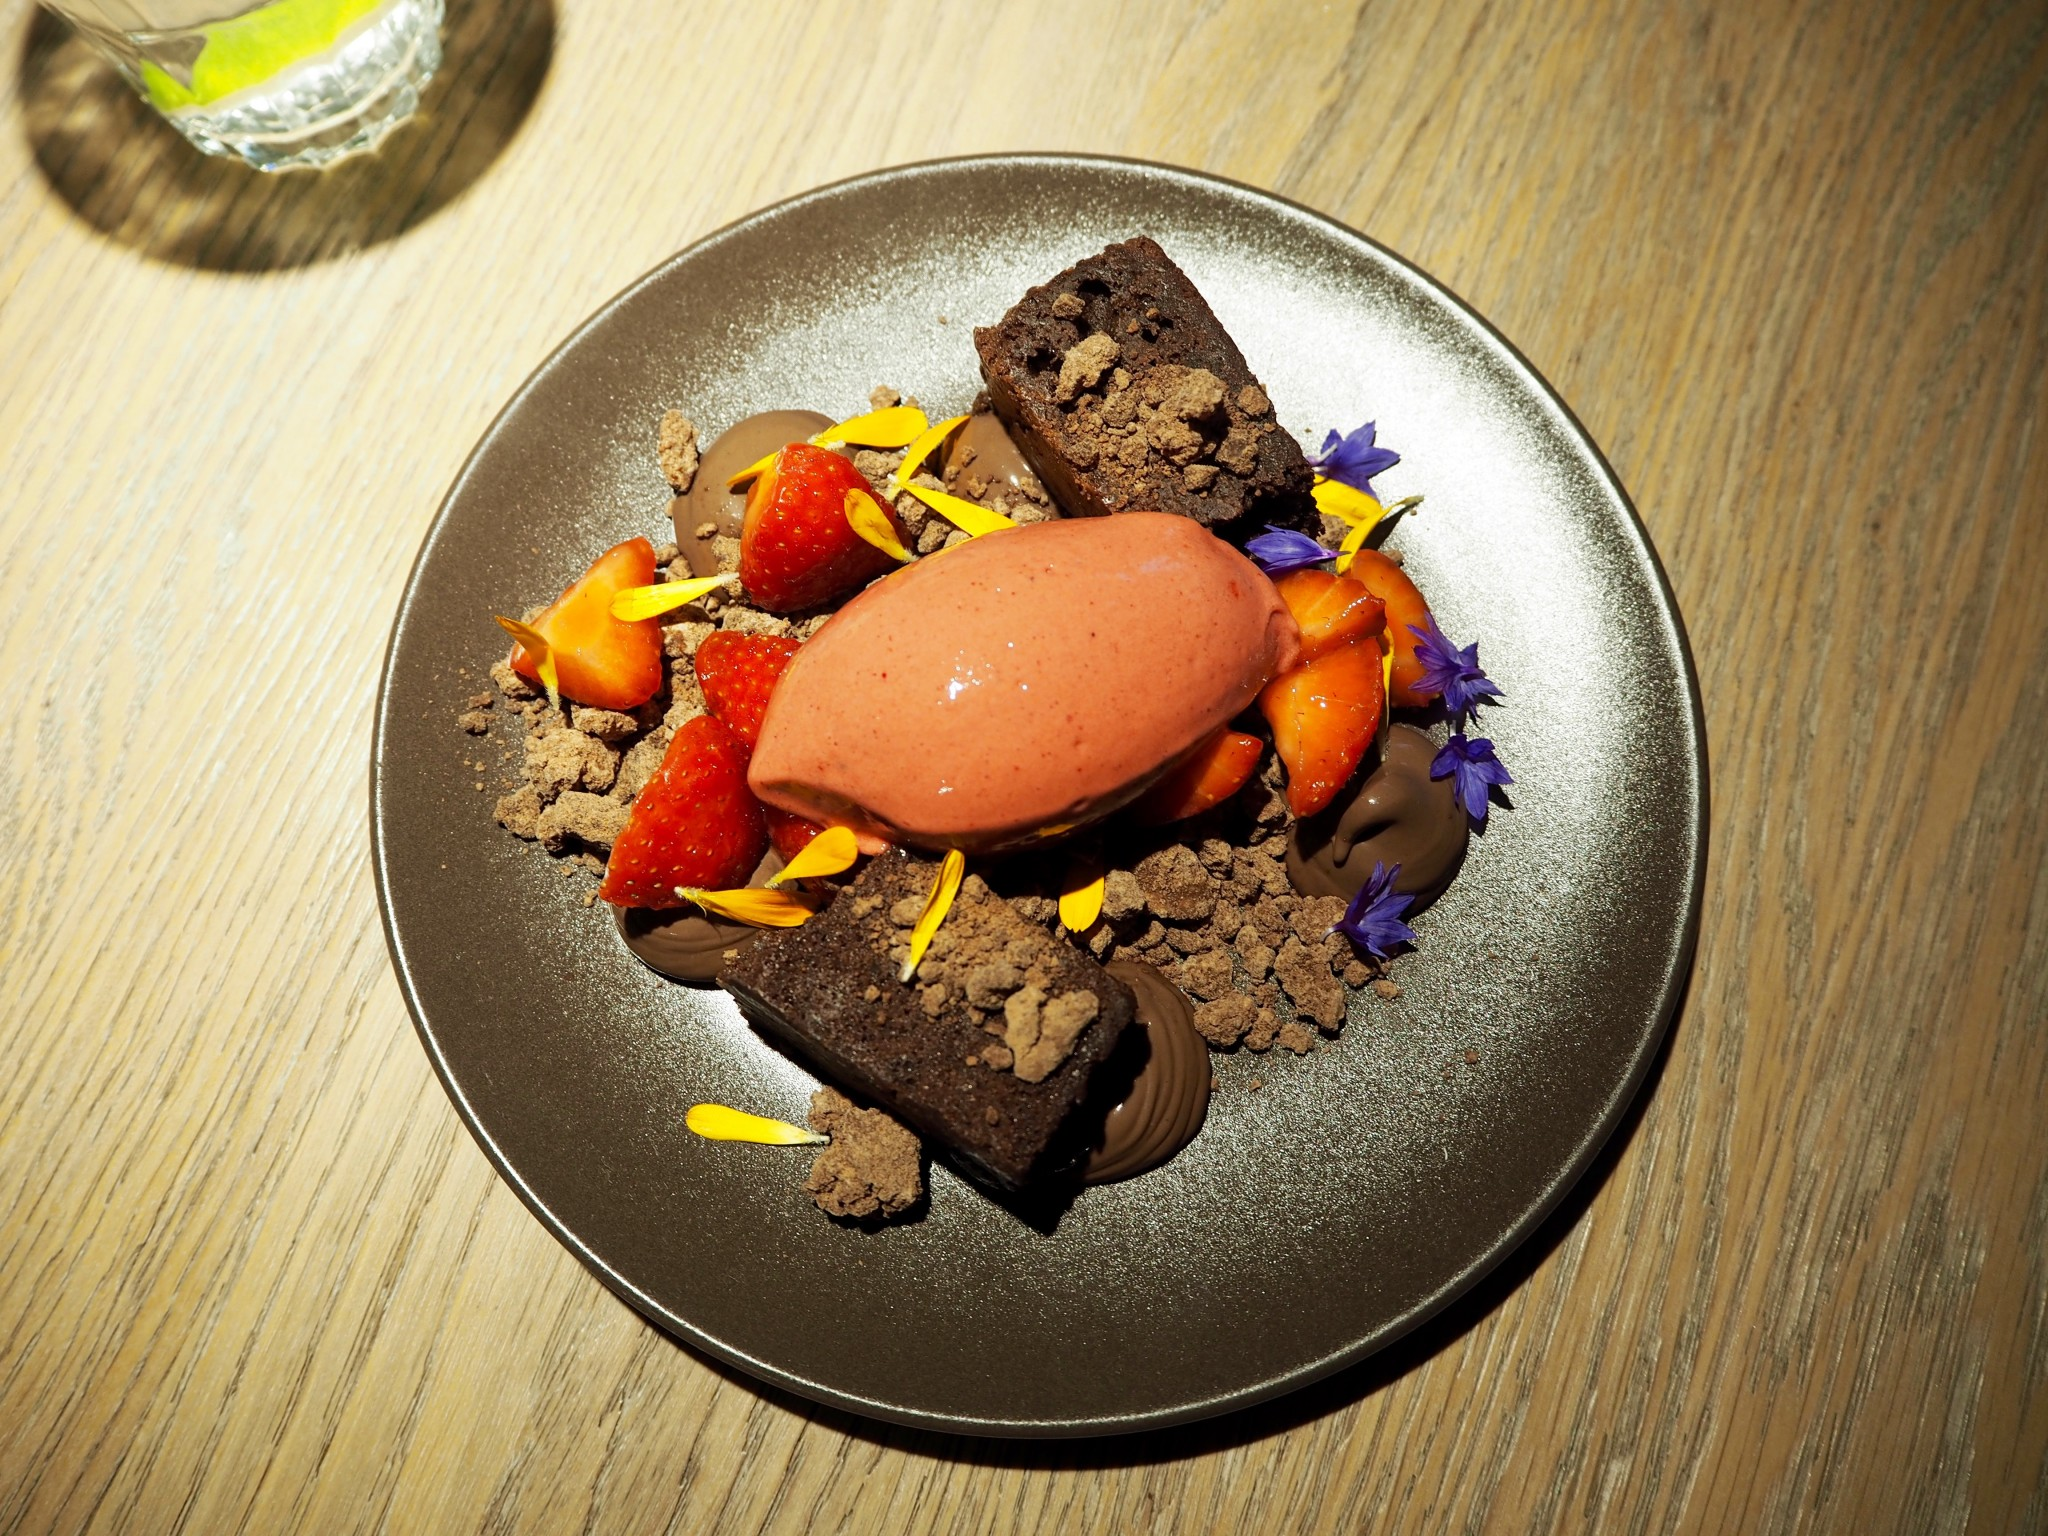 Tallinna ravintola Kaks Kokka jälkiruoka